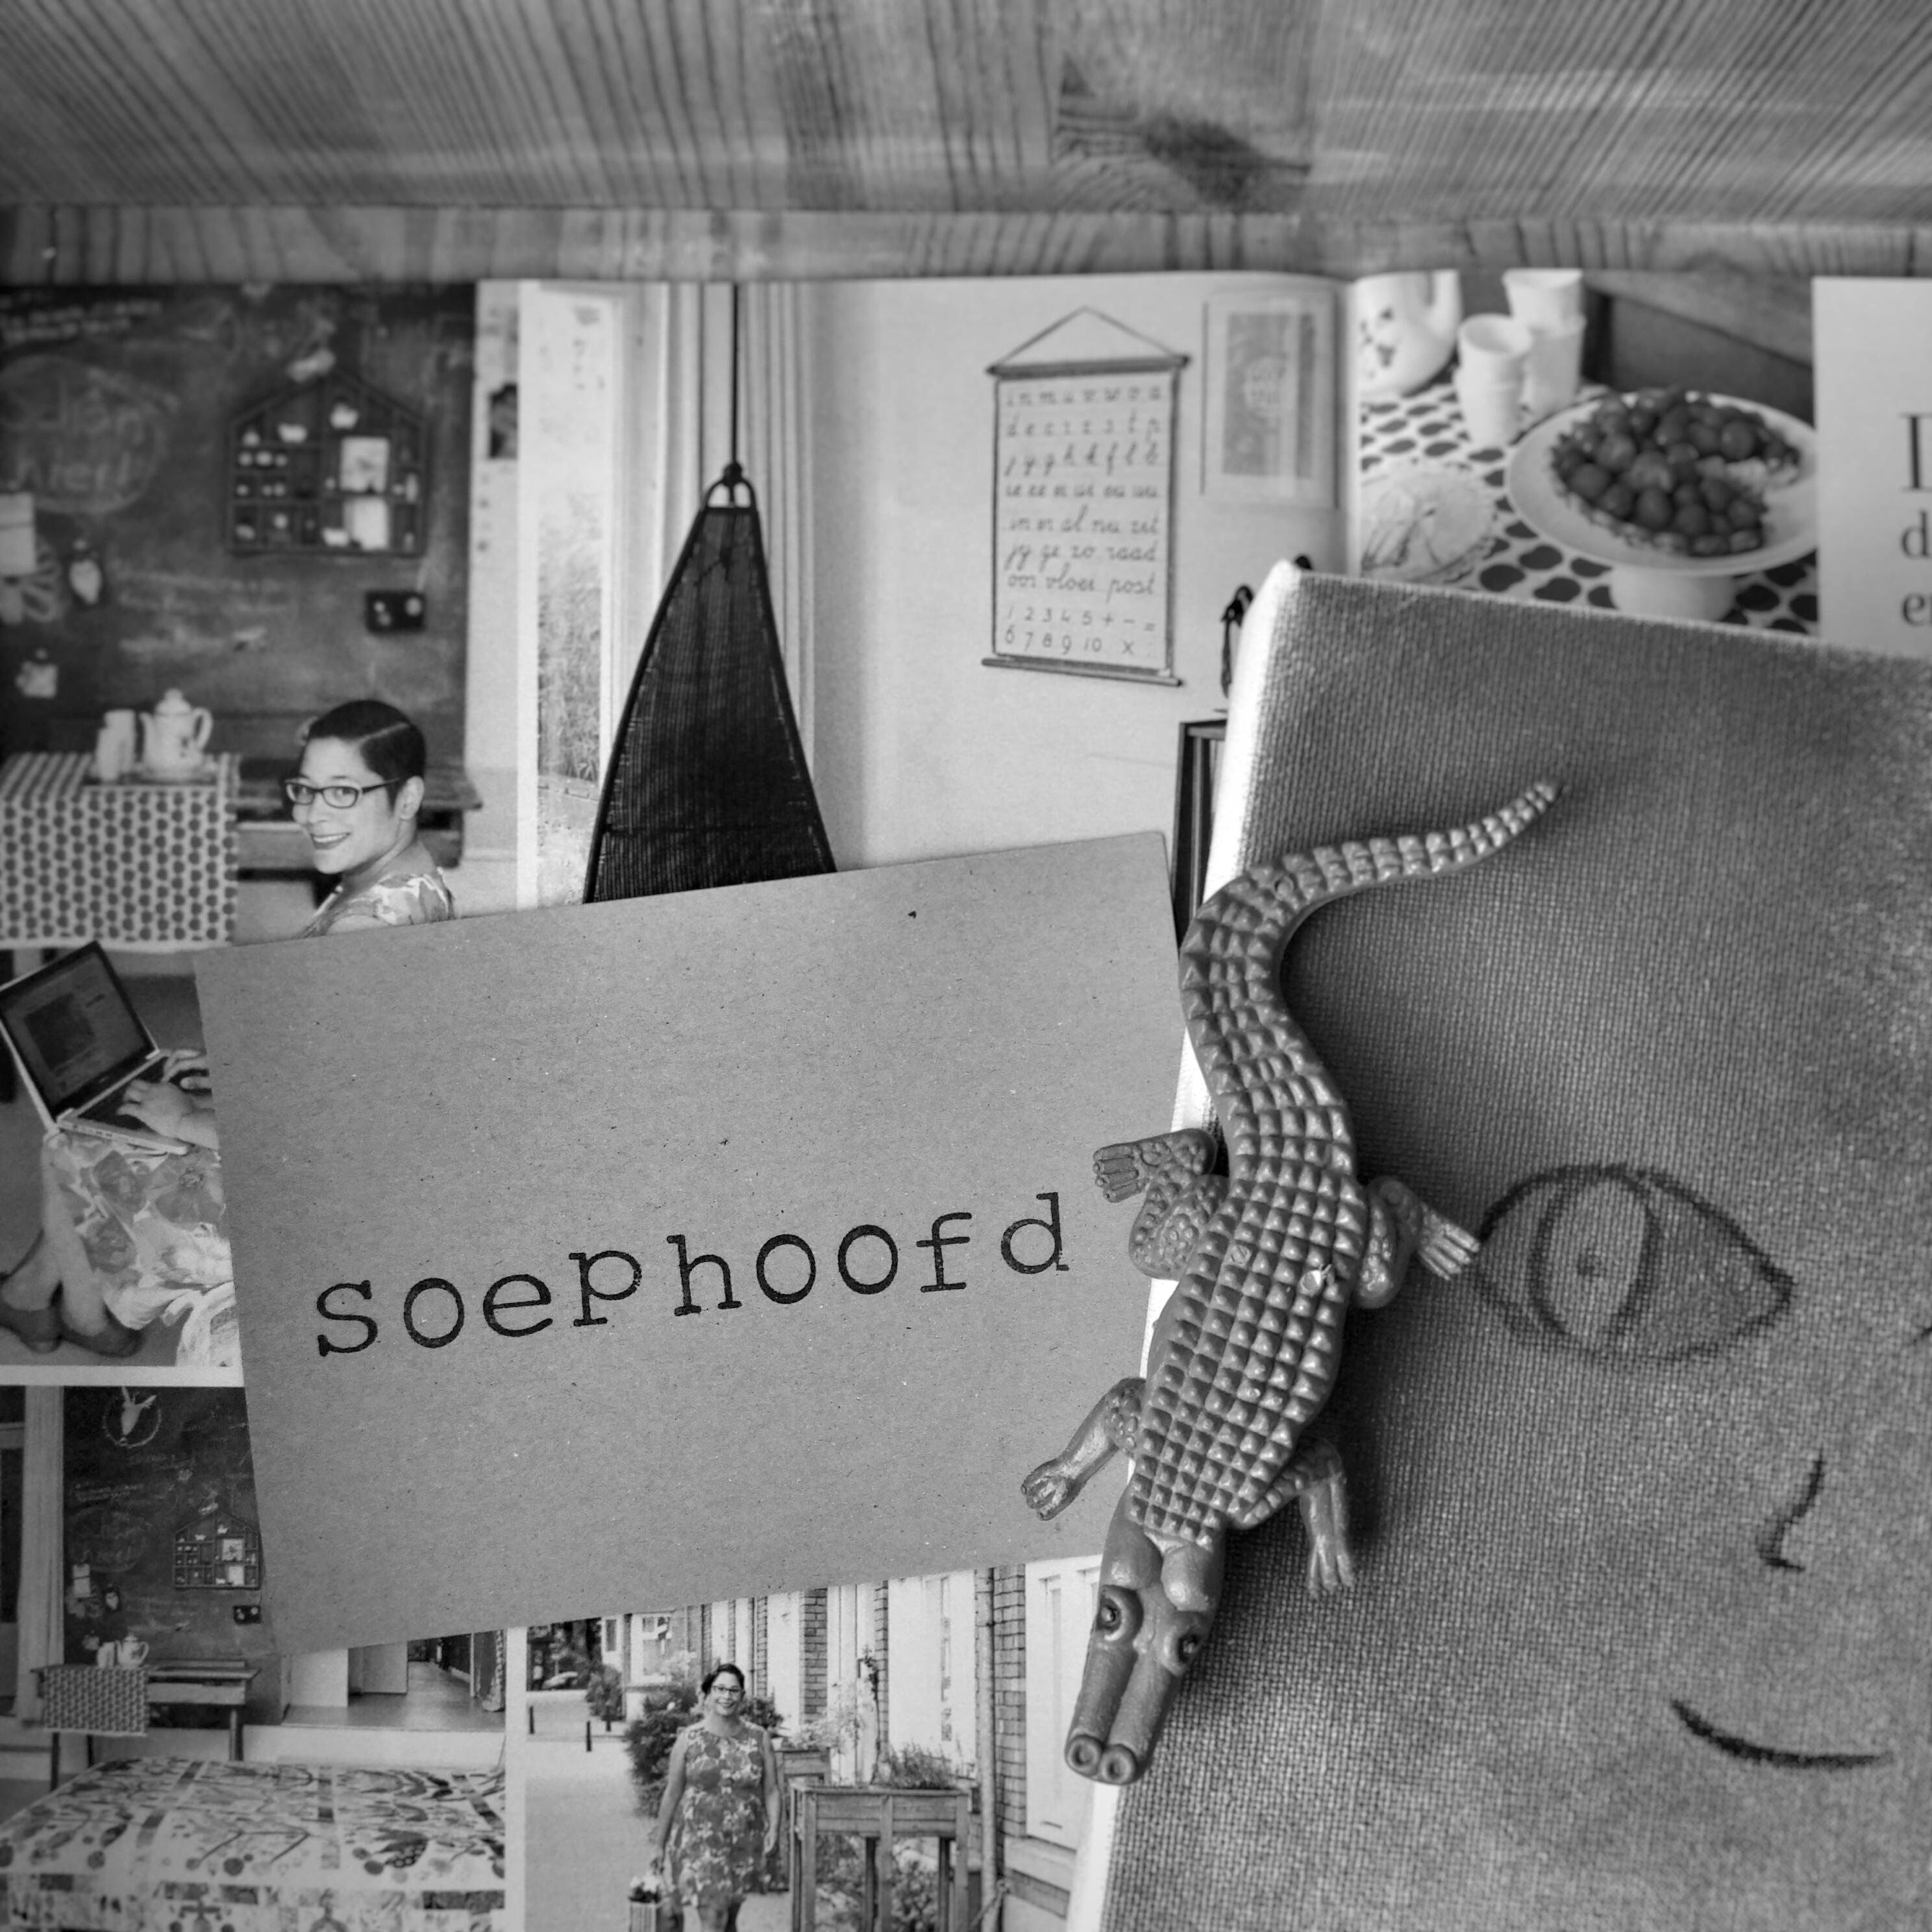 soephoofd-met-spondylartopathie